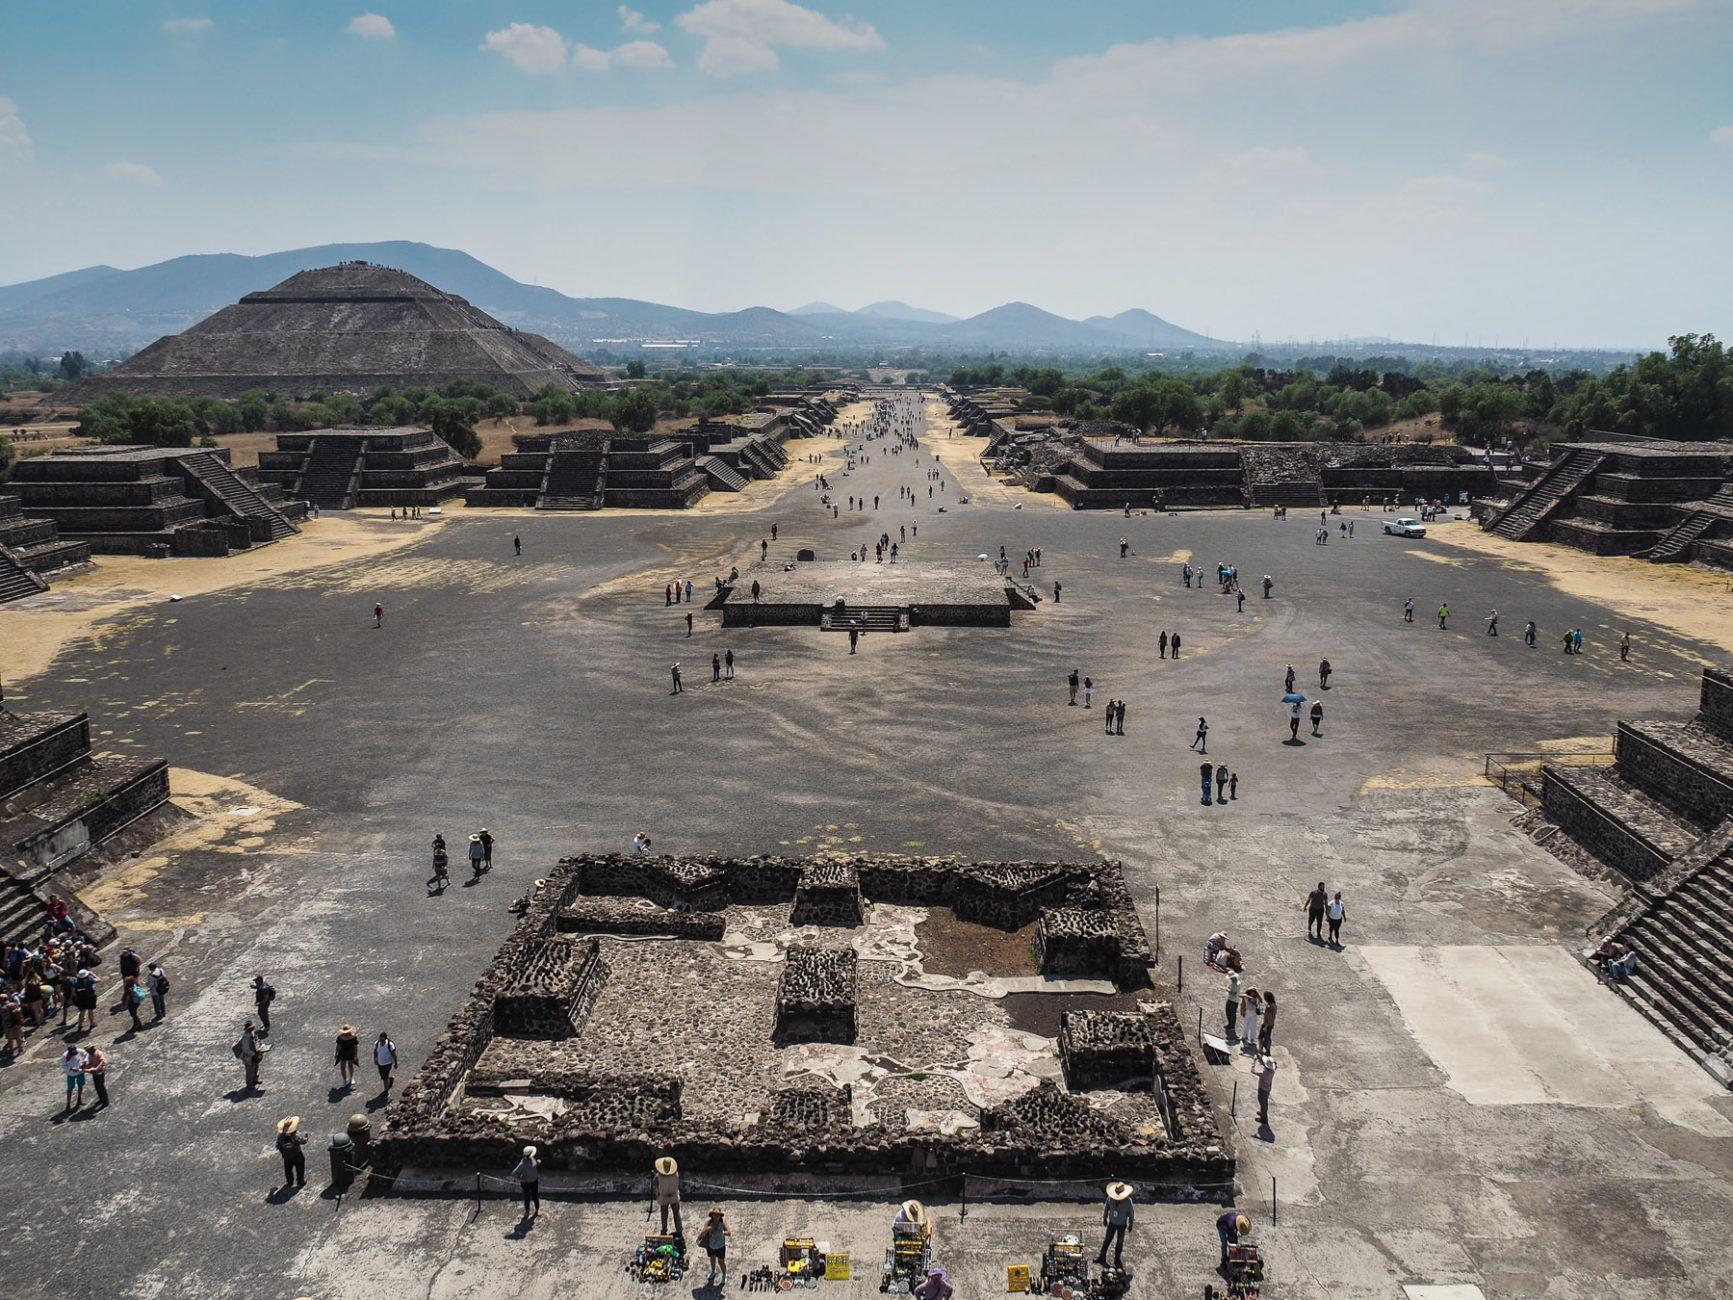 Die Straße der Toten und die Sonnen-Pyramide in Teotihuacan